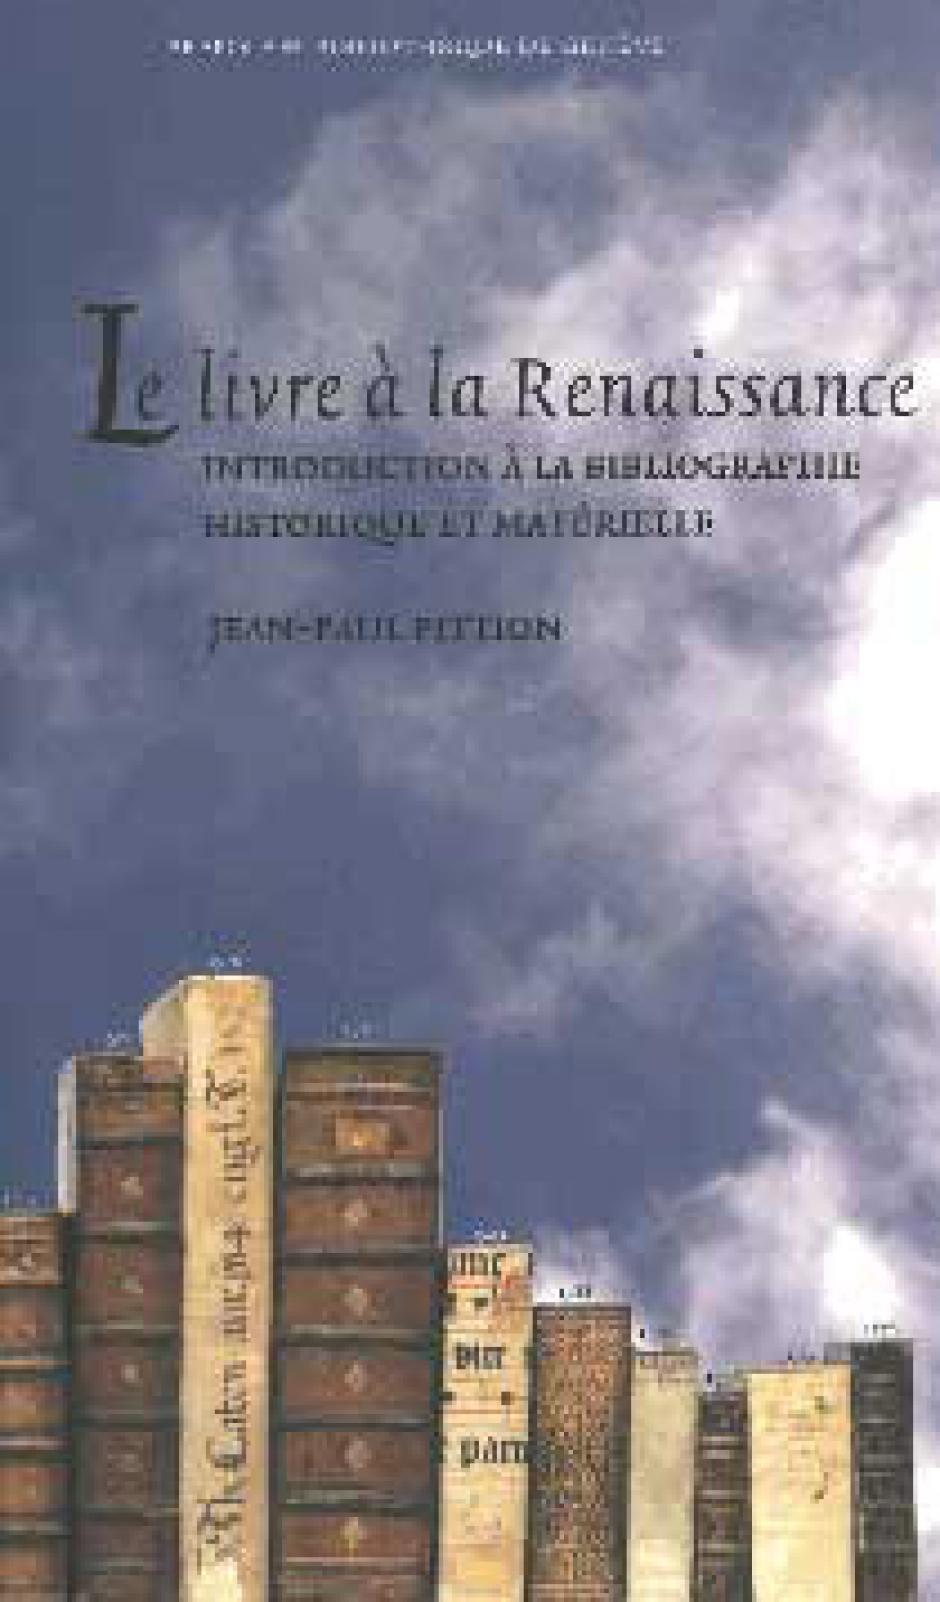 Le livre à la Renaissance. Introduction à la bibliographie historique et matérielle, Jean-Paul Pittion